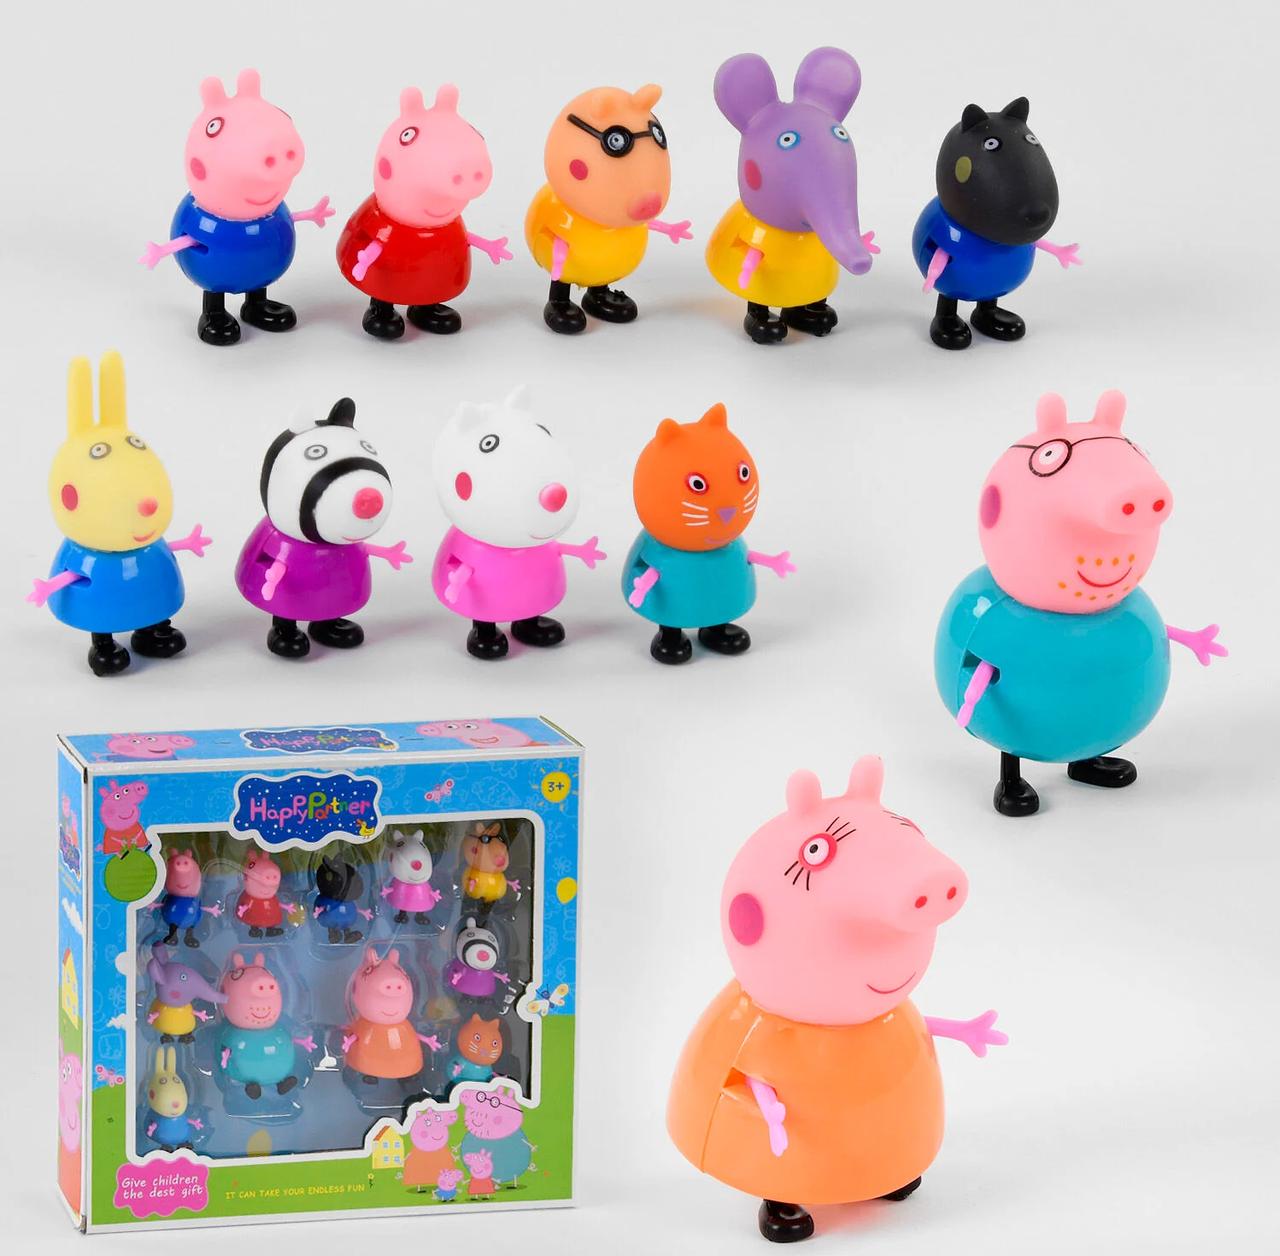 Набір фігурок Свинка Пеппа PP 605-11 персонажі мультфільму